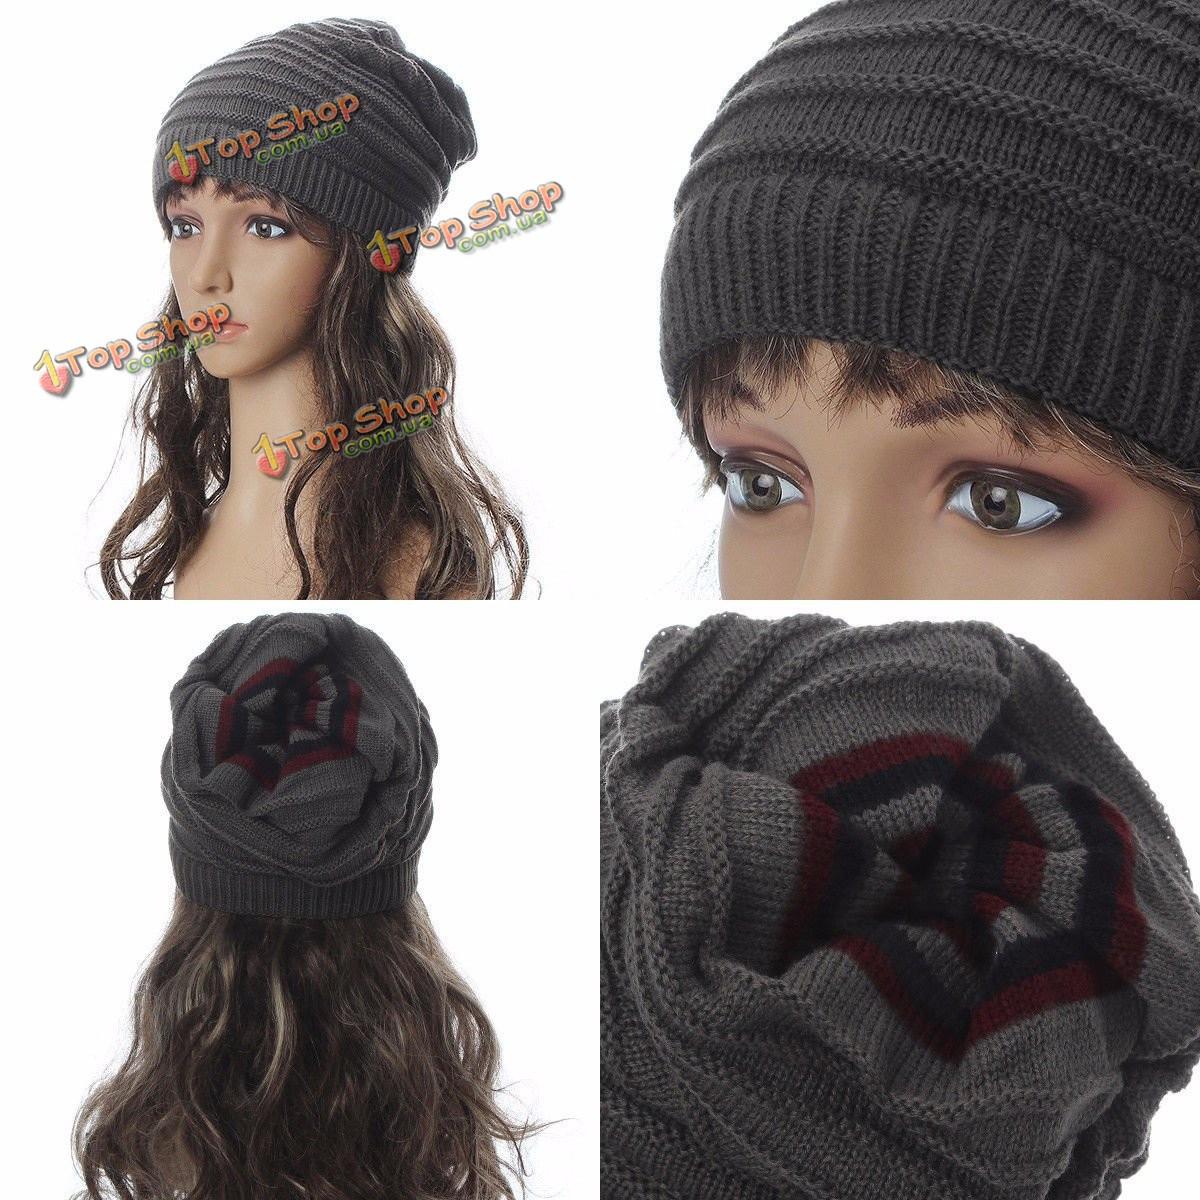 мужские женские вязание зимних череп лыжная шапочка шапка вязание